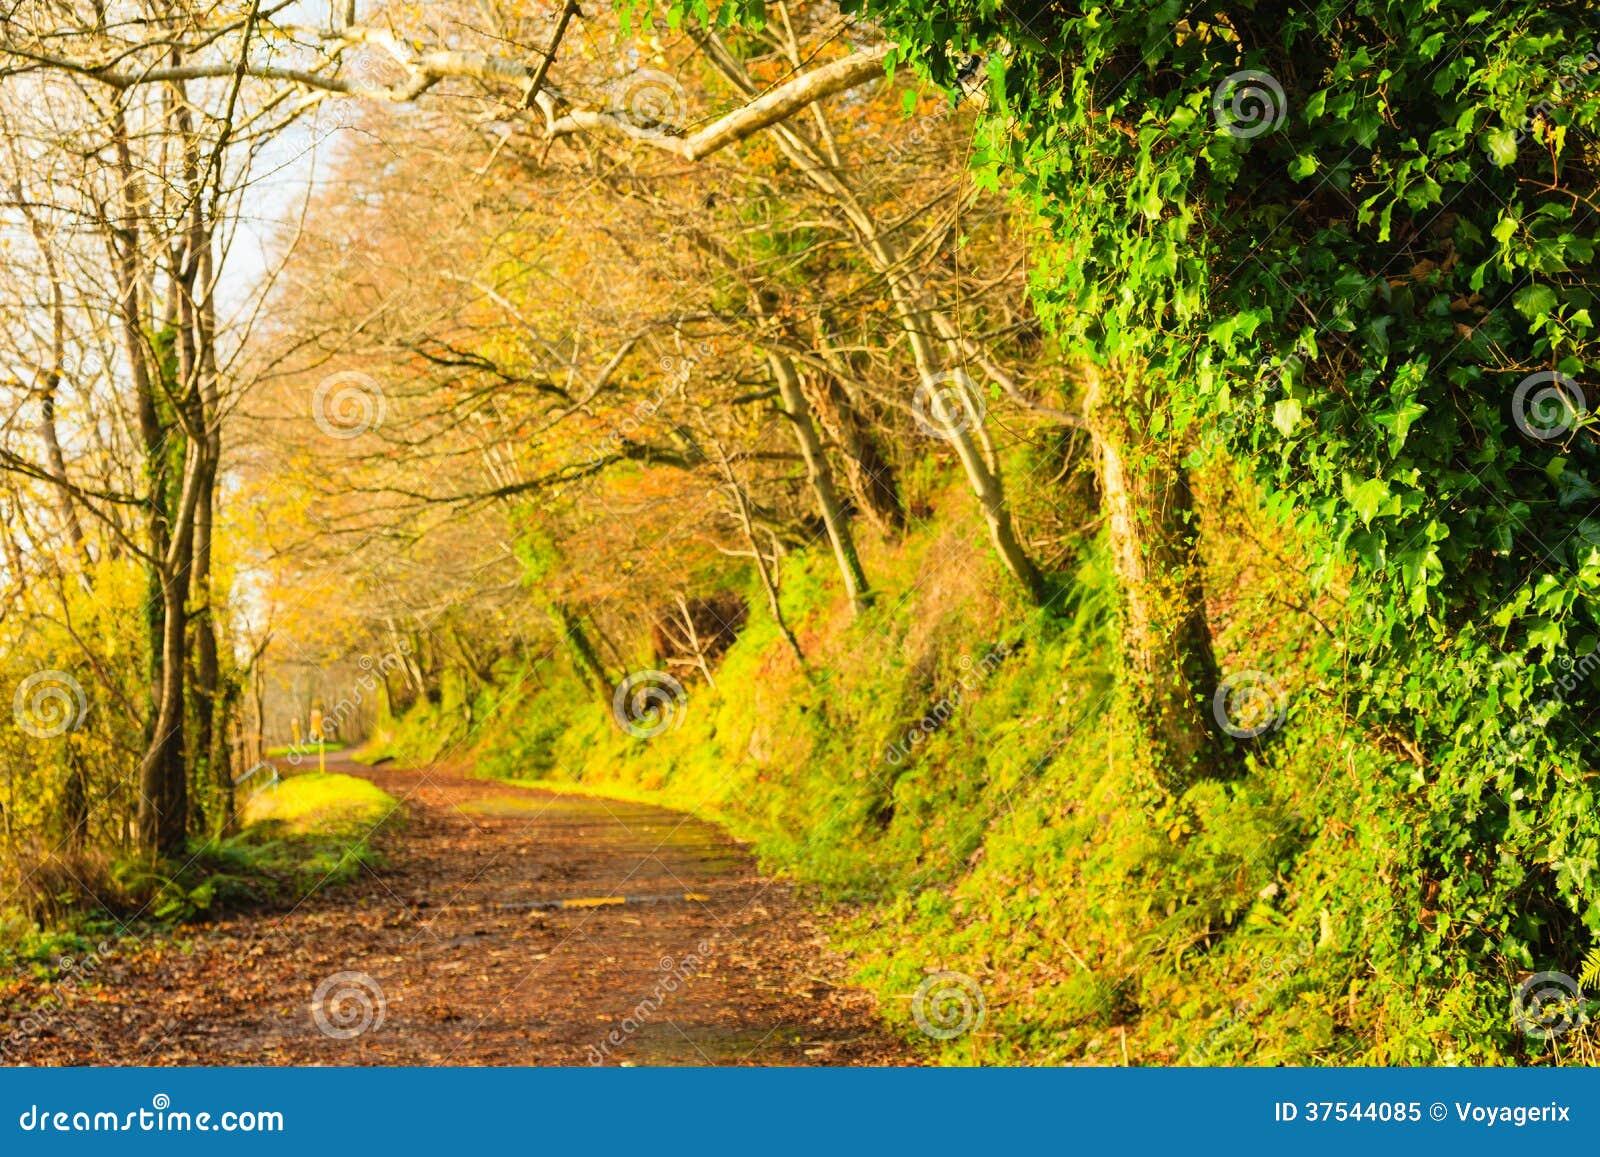 Härligt landskap. Autumn Pathway gränd Co.Cork, Irland.